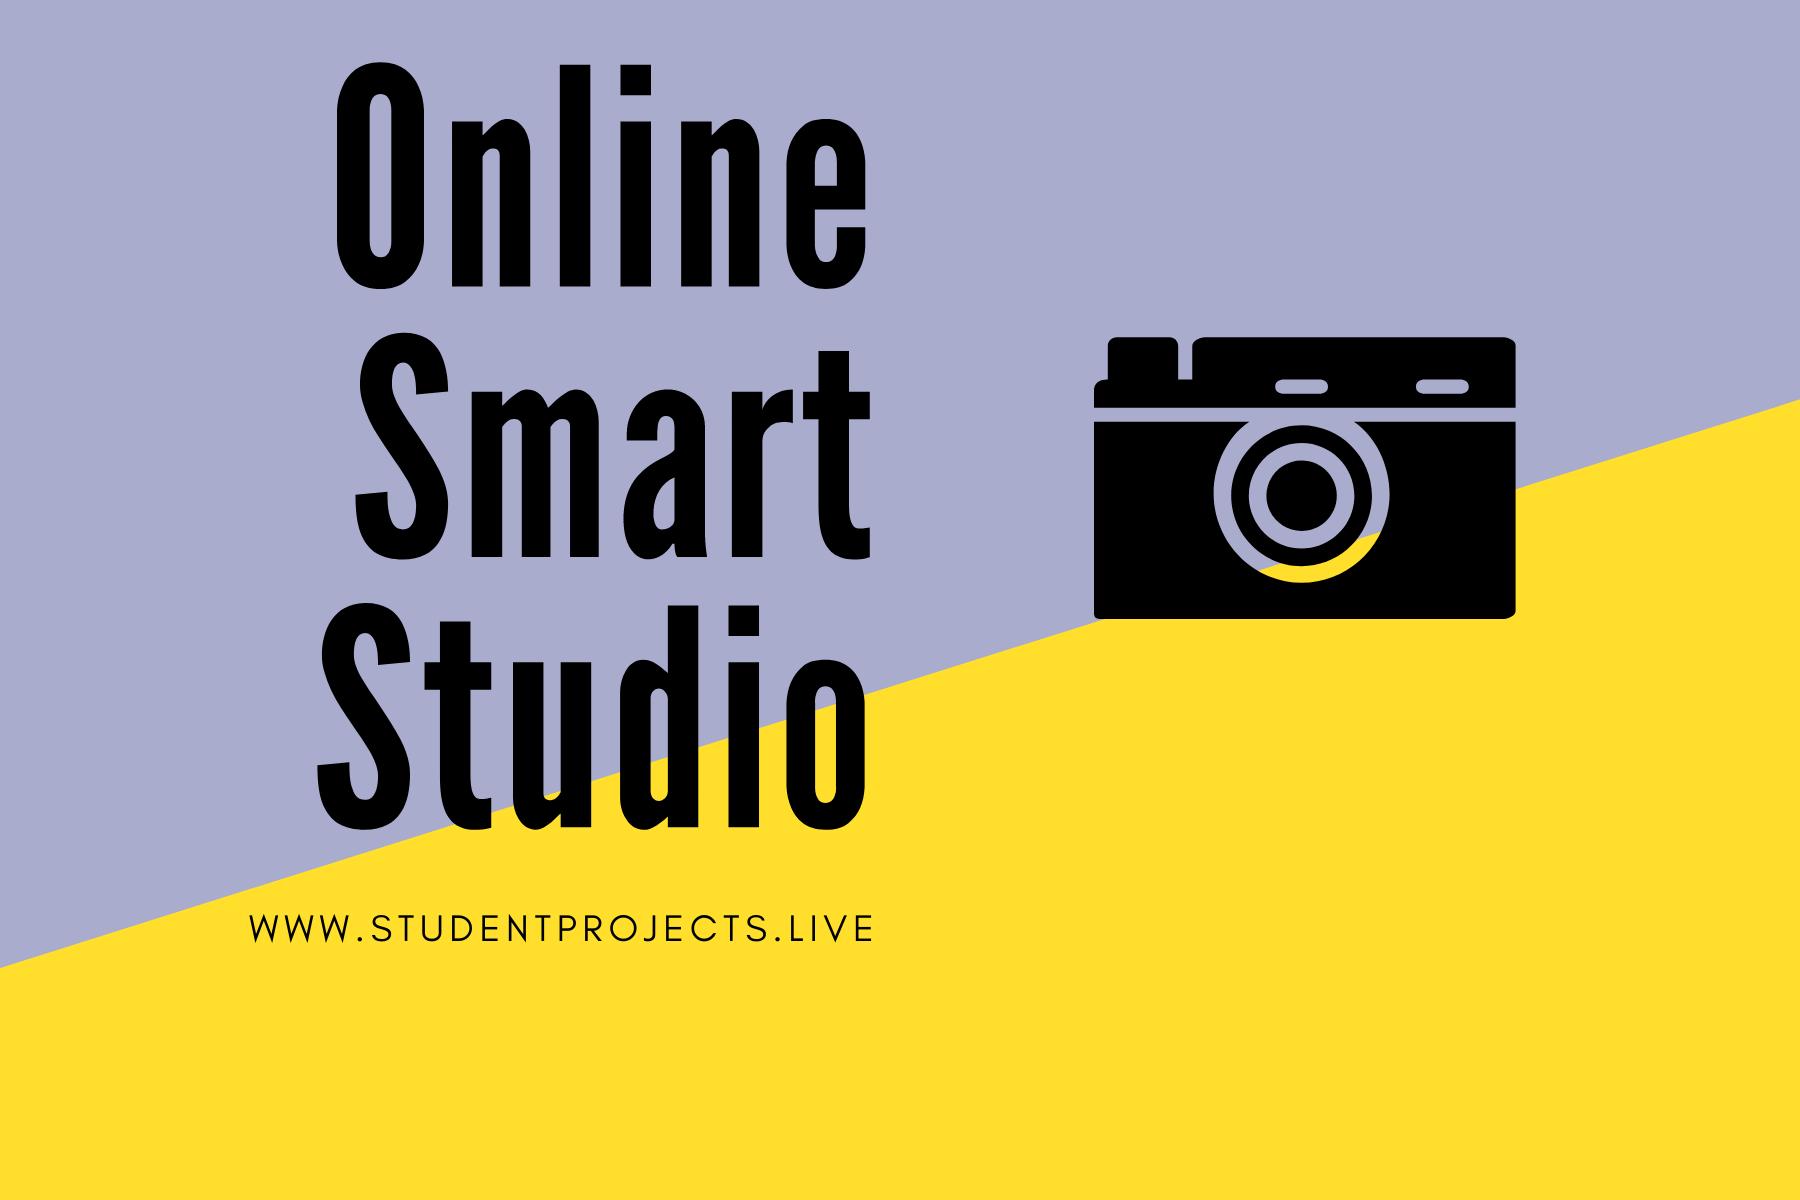 Online Smart Studio